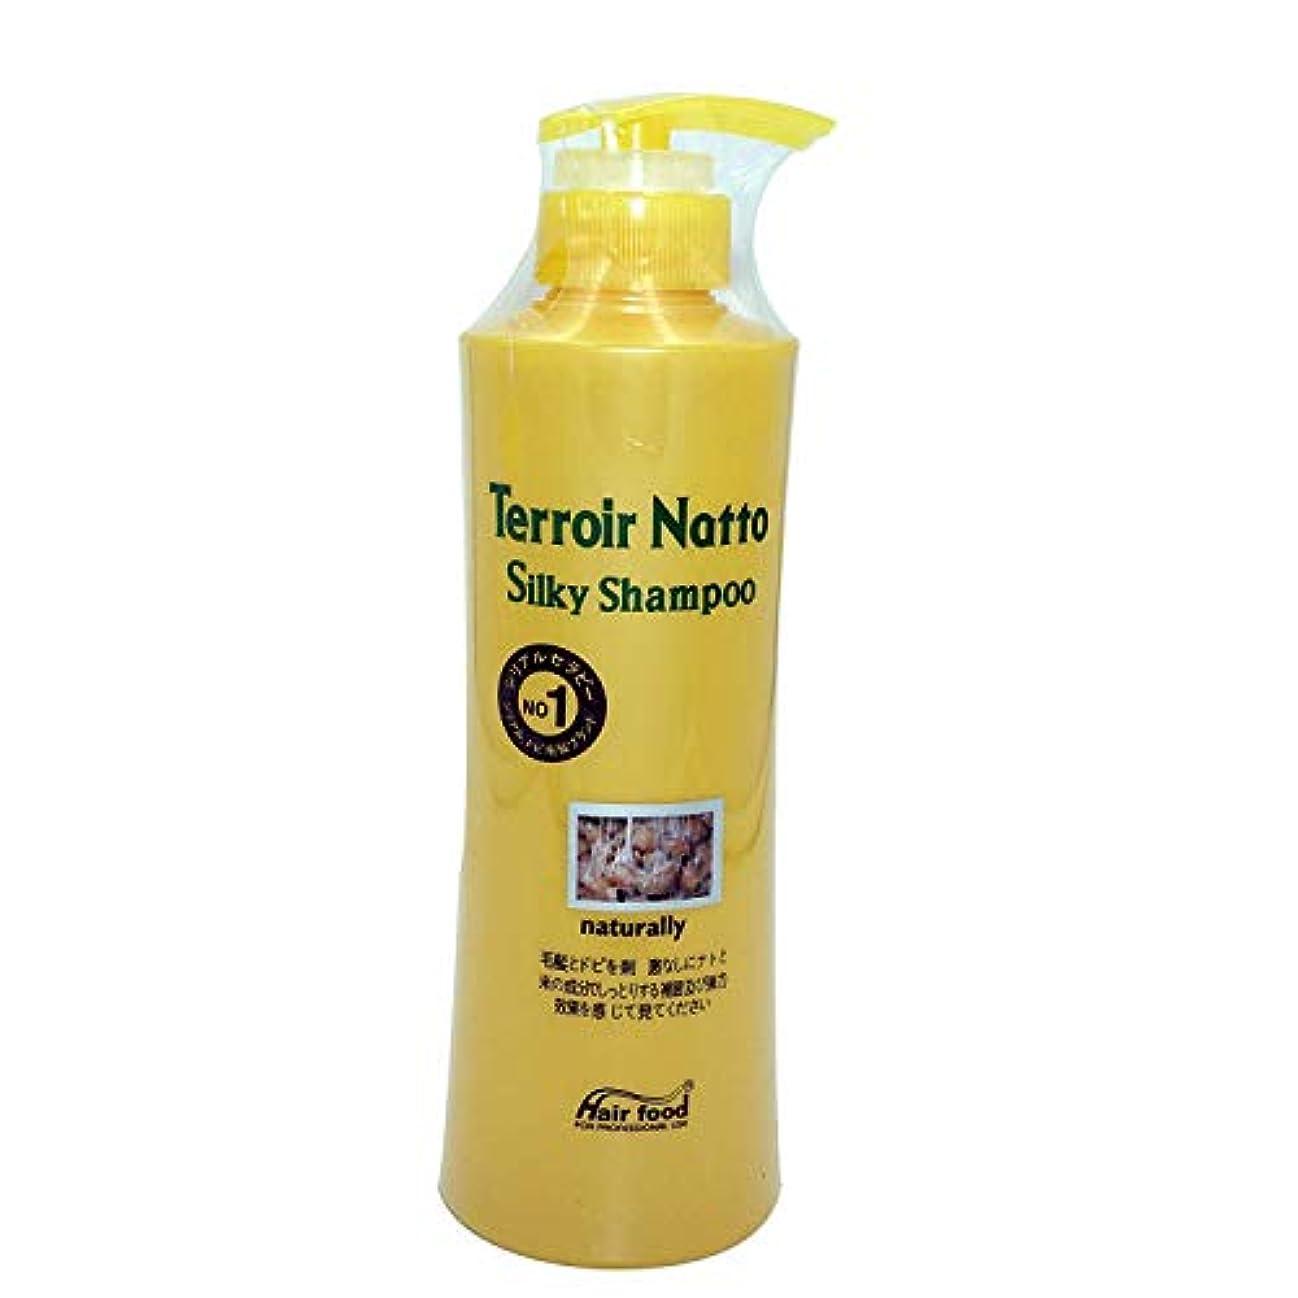 酔っ払い冷淡な地球Hair food テロワール納豆シルキーシャンプー500ml、乾燥薄毛とセンシティブな頭皮用 - ビタミンタンパクによる弾力ヘア (Terroir Natto Silky Shampoo 500ml for Dry Thin Hair and Sensitive Scalp - Elastic Hair by Vitamin Protein)[並行輸入品]